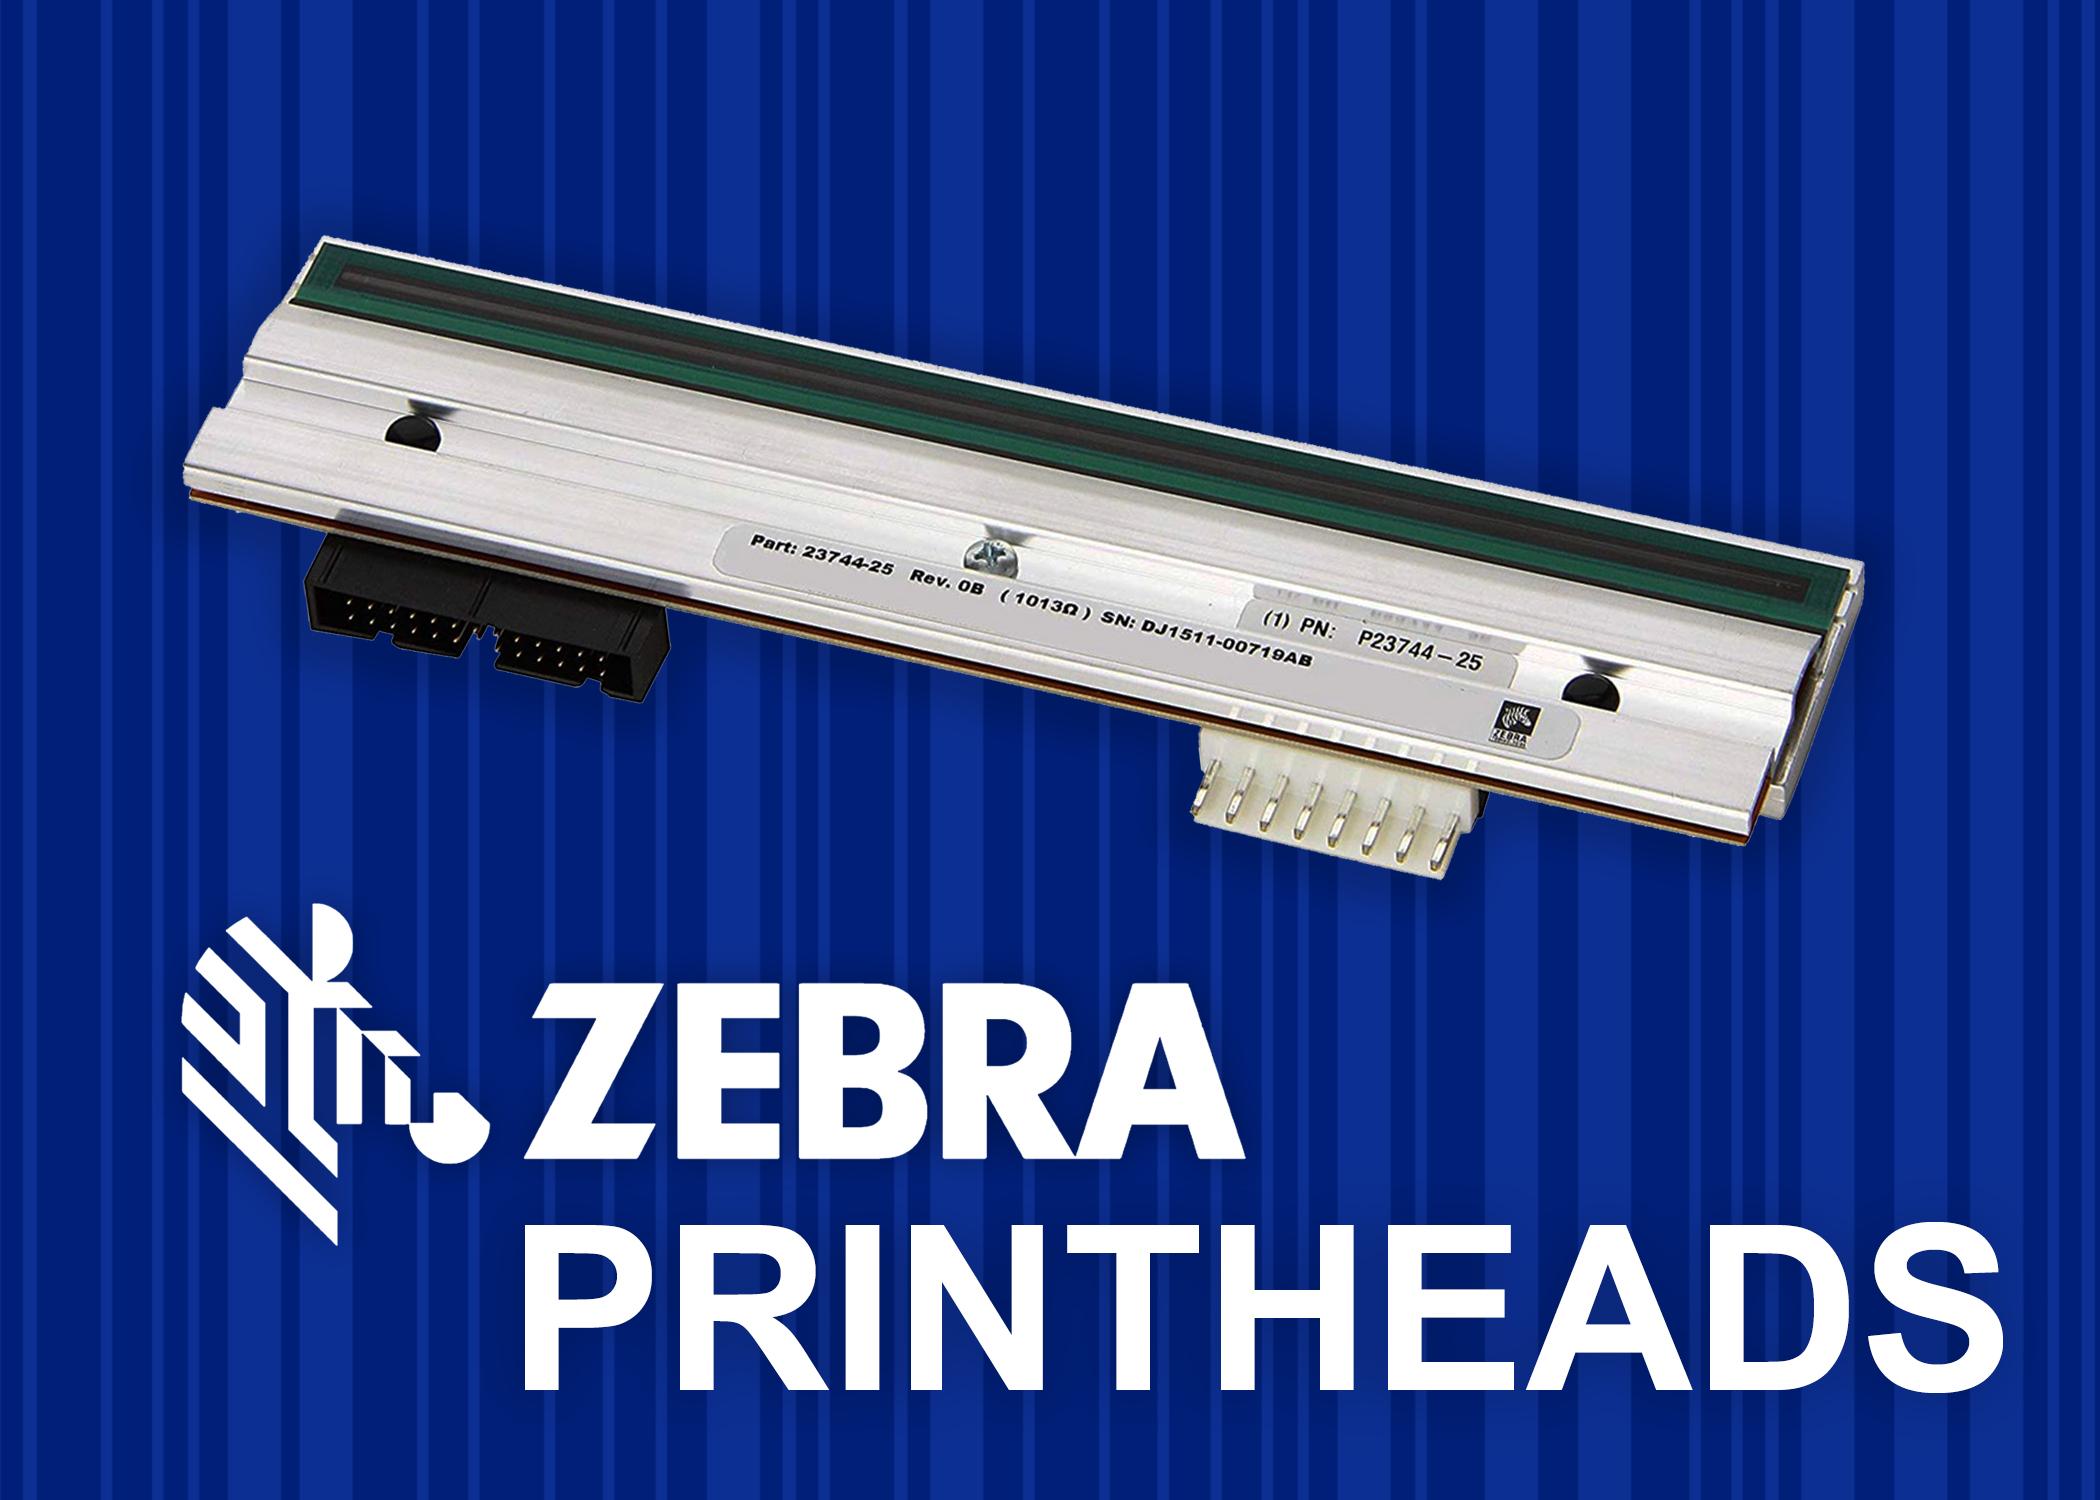 Izebra printheads buy online